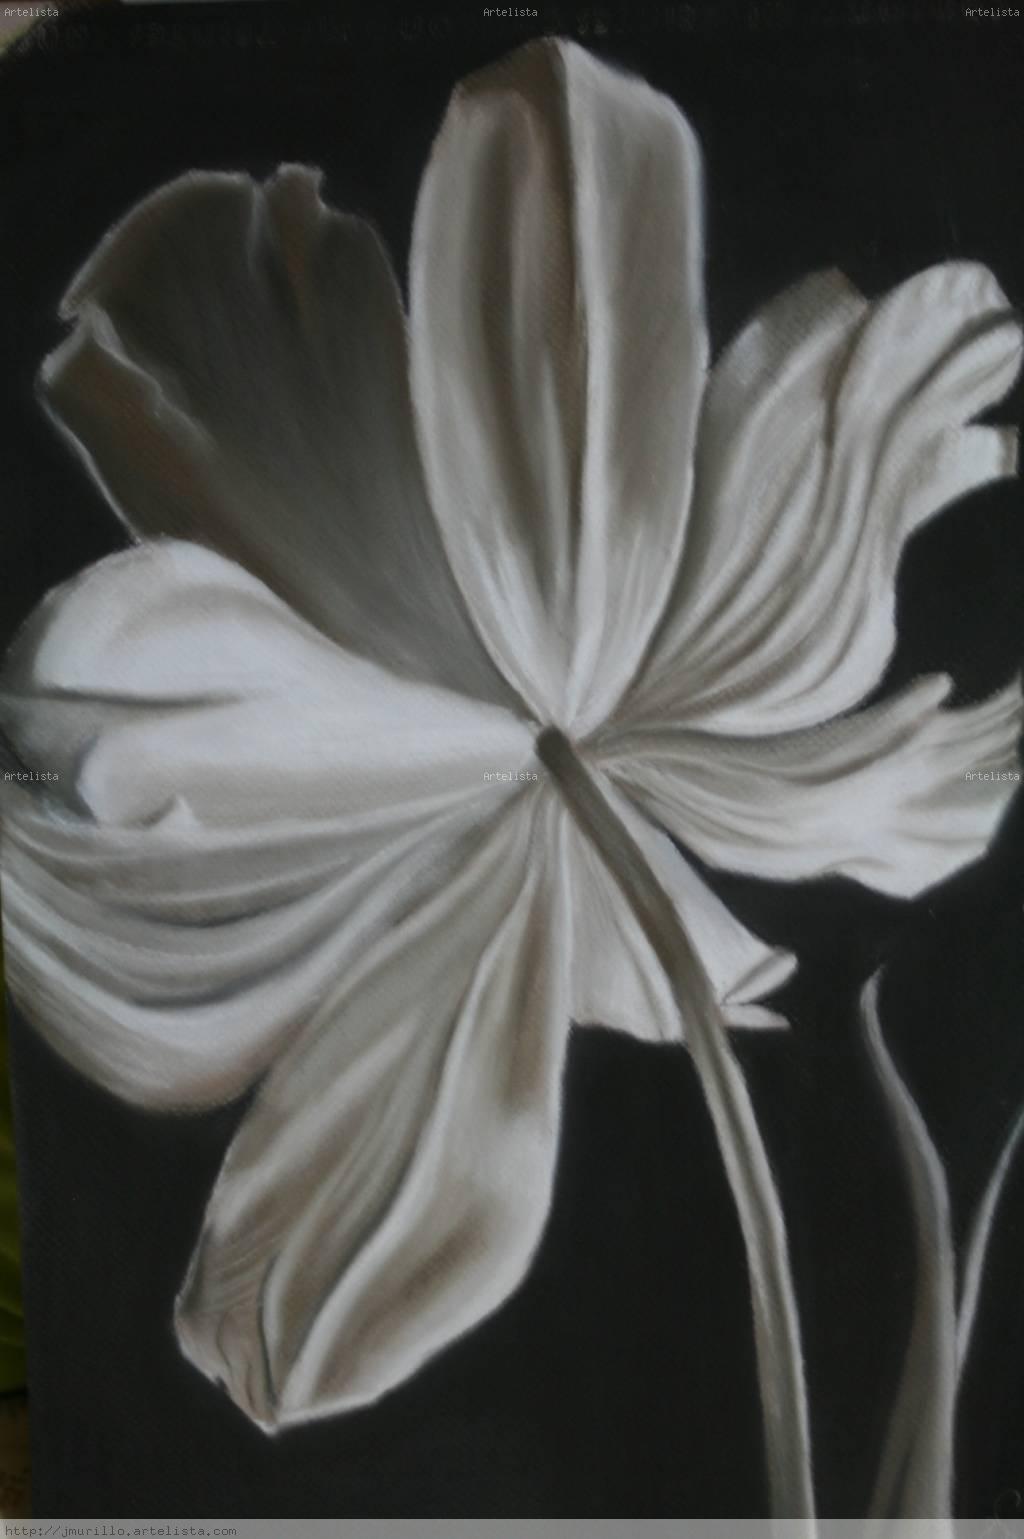 Blanco y negro julio alvarez sanchez for Papel pintado blanco y negro